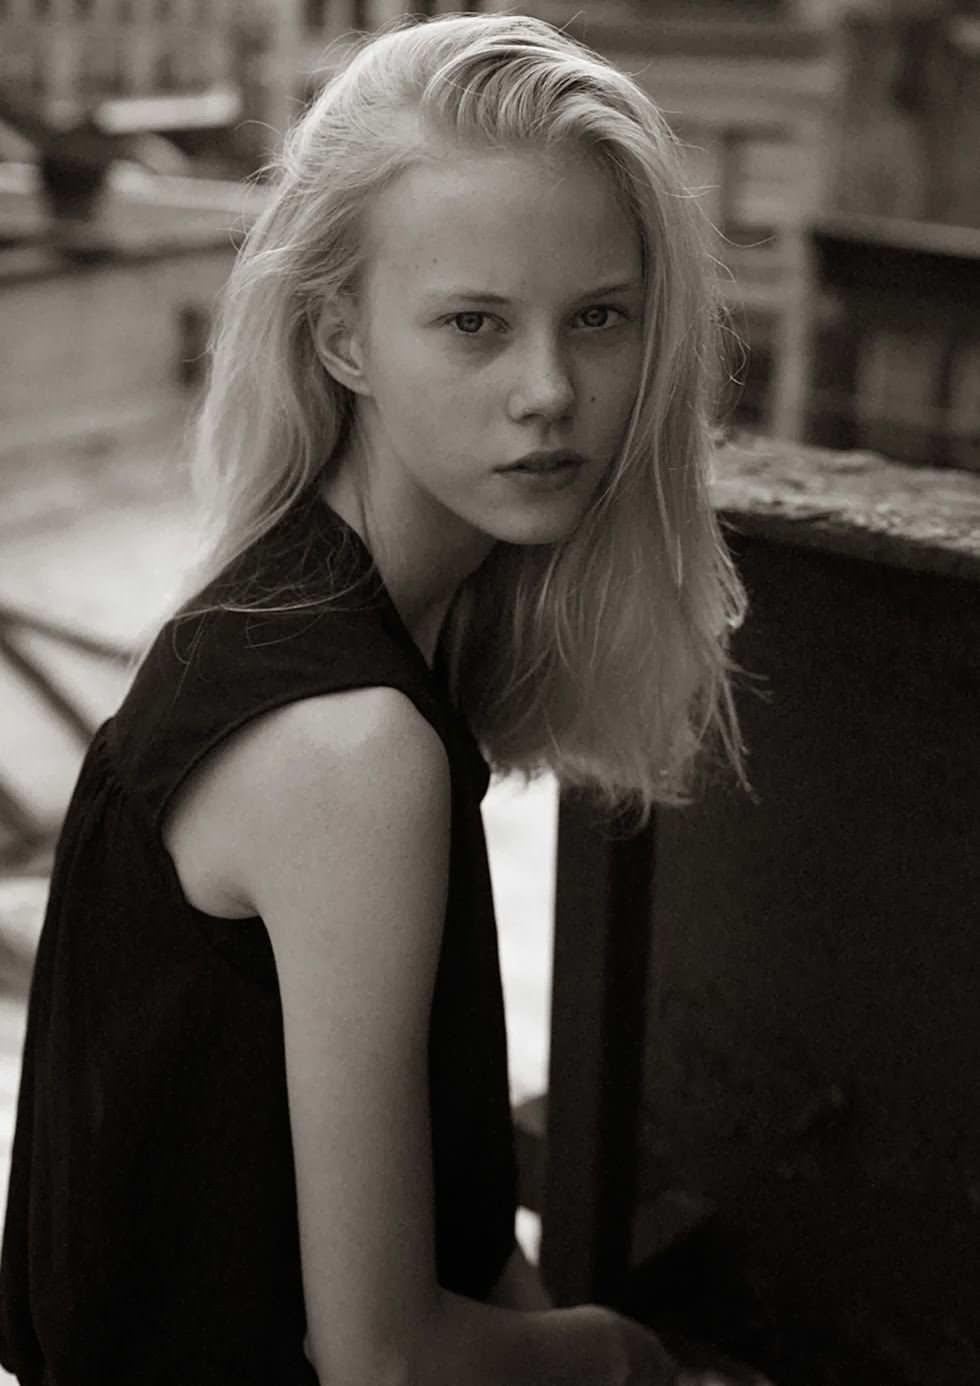 【外人】デンマークの妖精アメリー·シュミット(Amalie Schmidt)が異常な程可愛いポルノ画像 5134